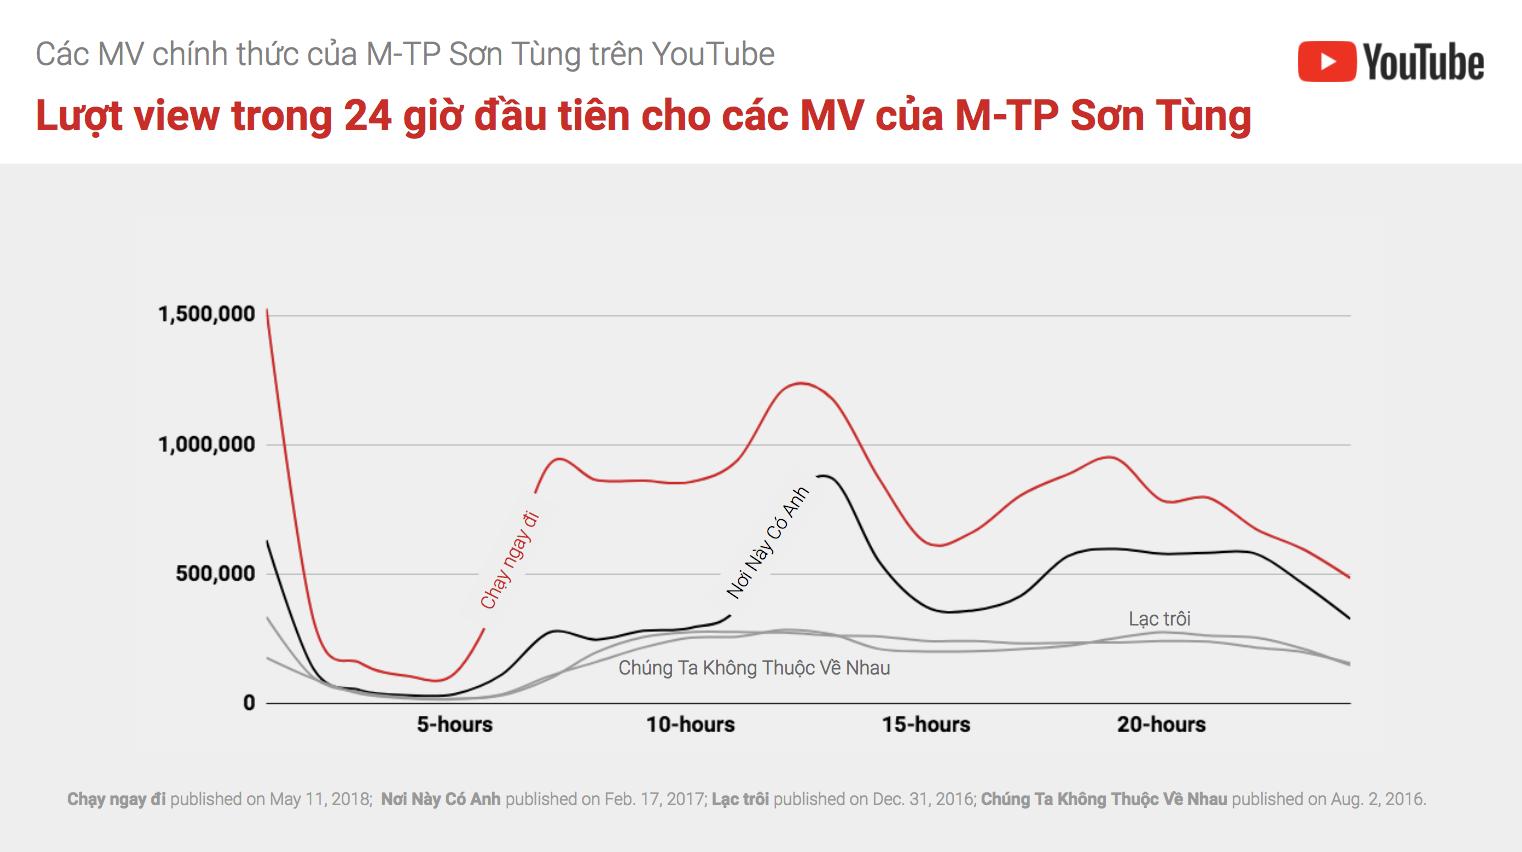 Thống kê về lượt xem của các MV Chạy ngay đi, Nơi này có anh, Lạc trôi (Nguồn: Trang blog tiếng Việt chính thức của Google).